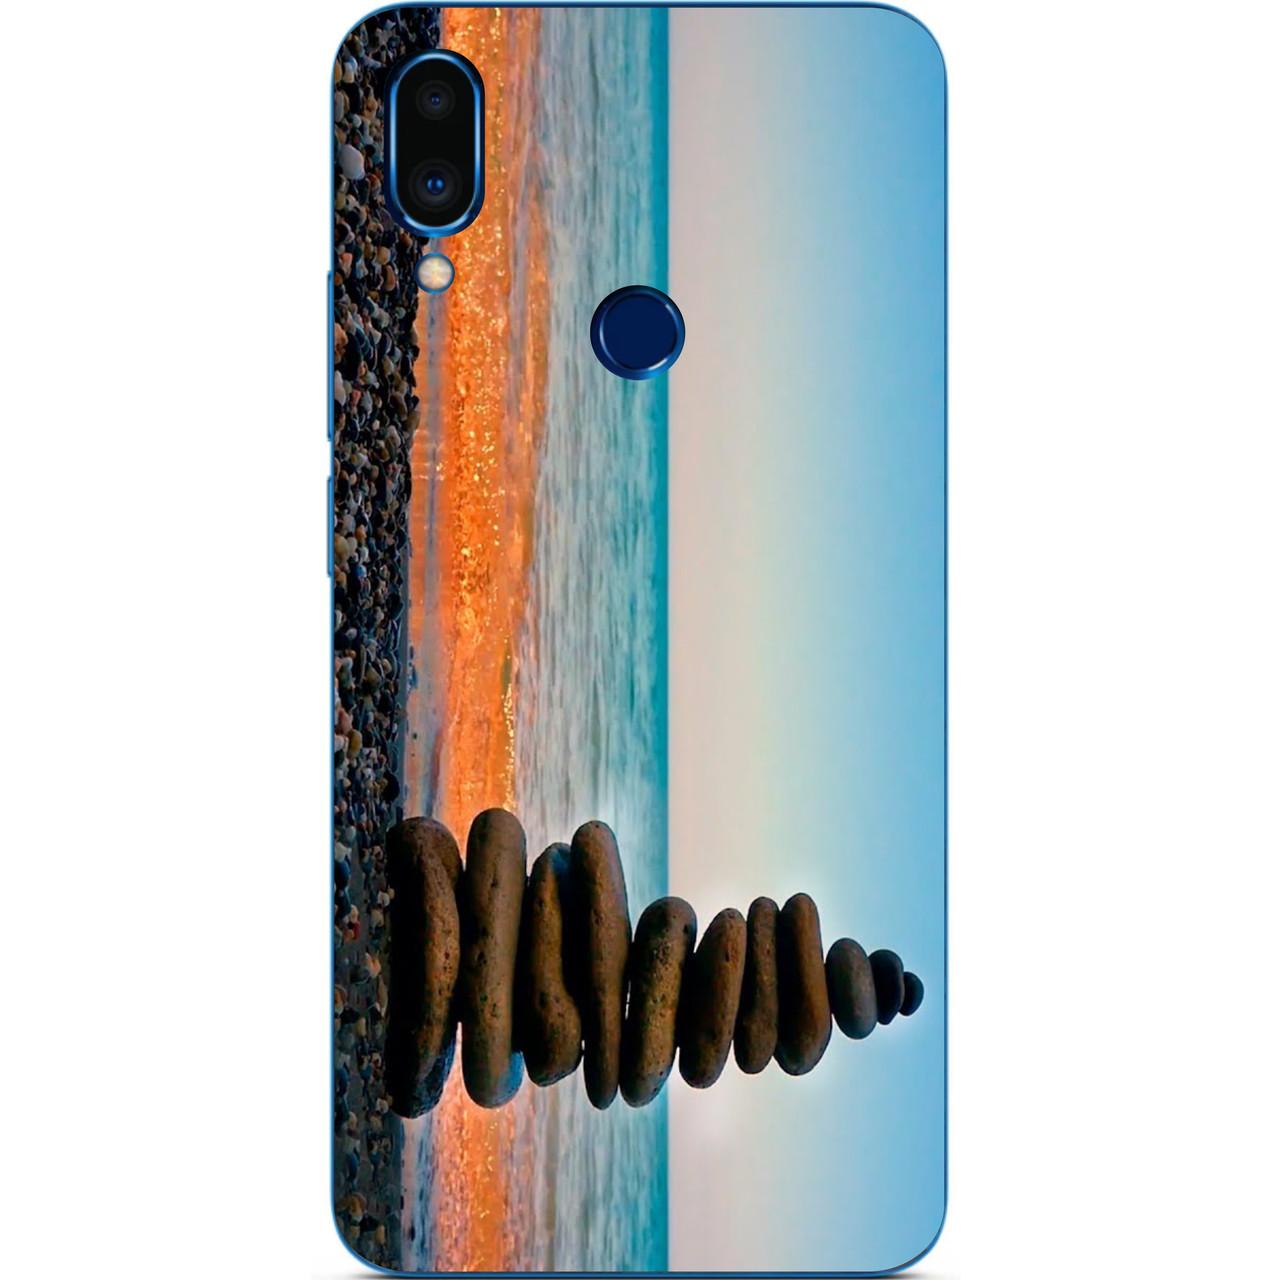 Чехол силиконовый с картинкой для Meizu Note 9 Камни